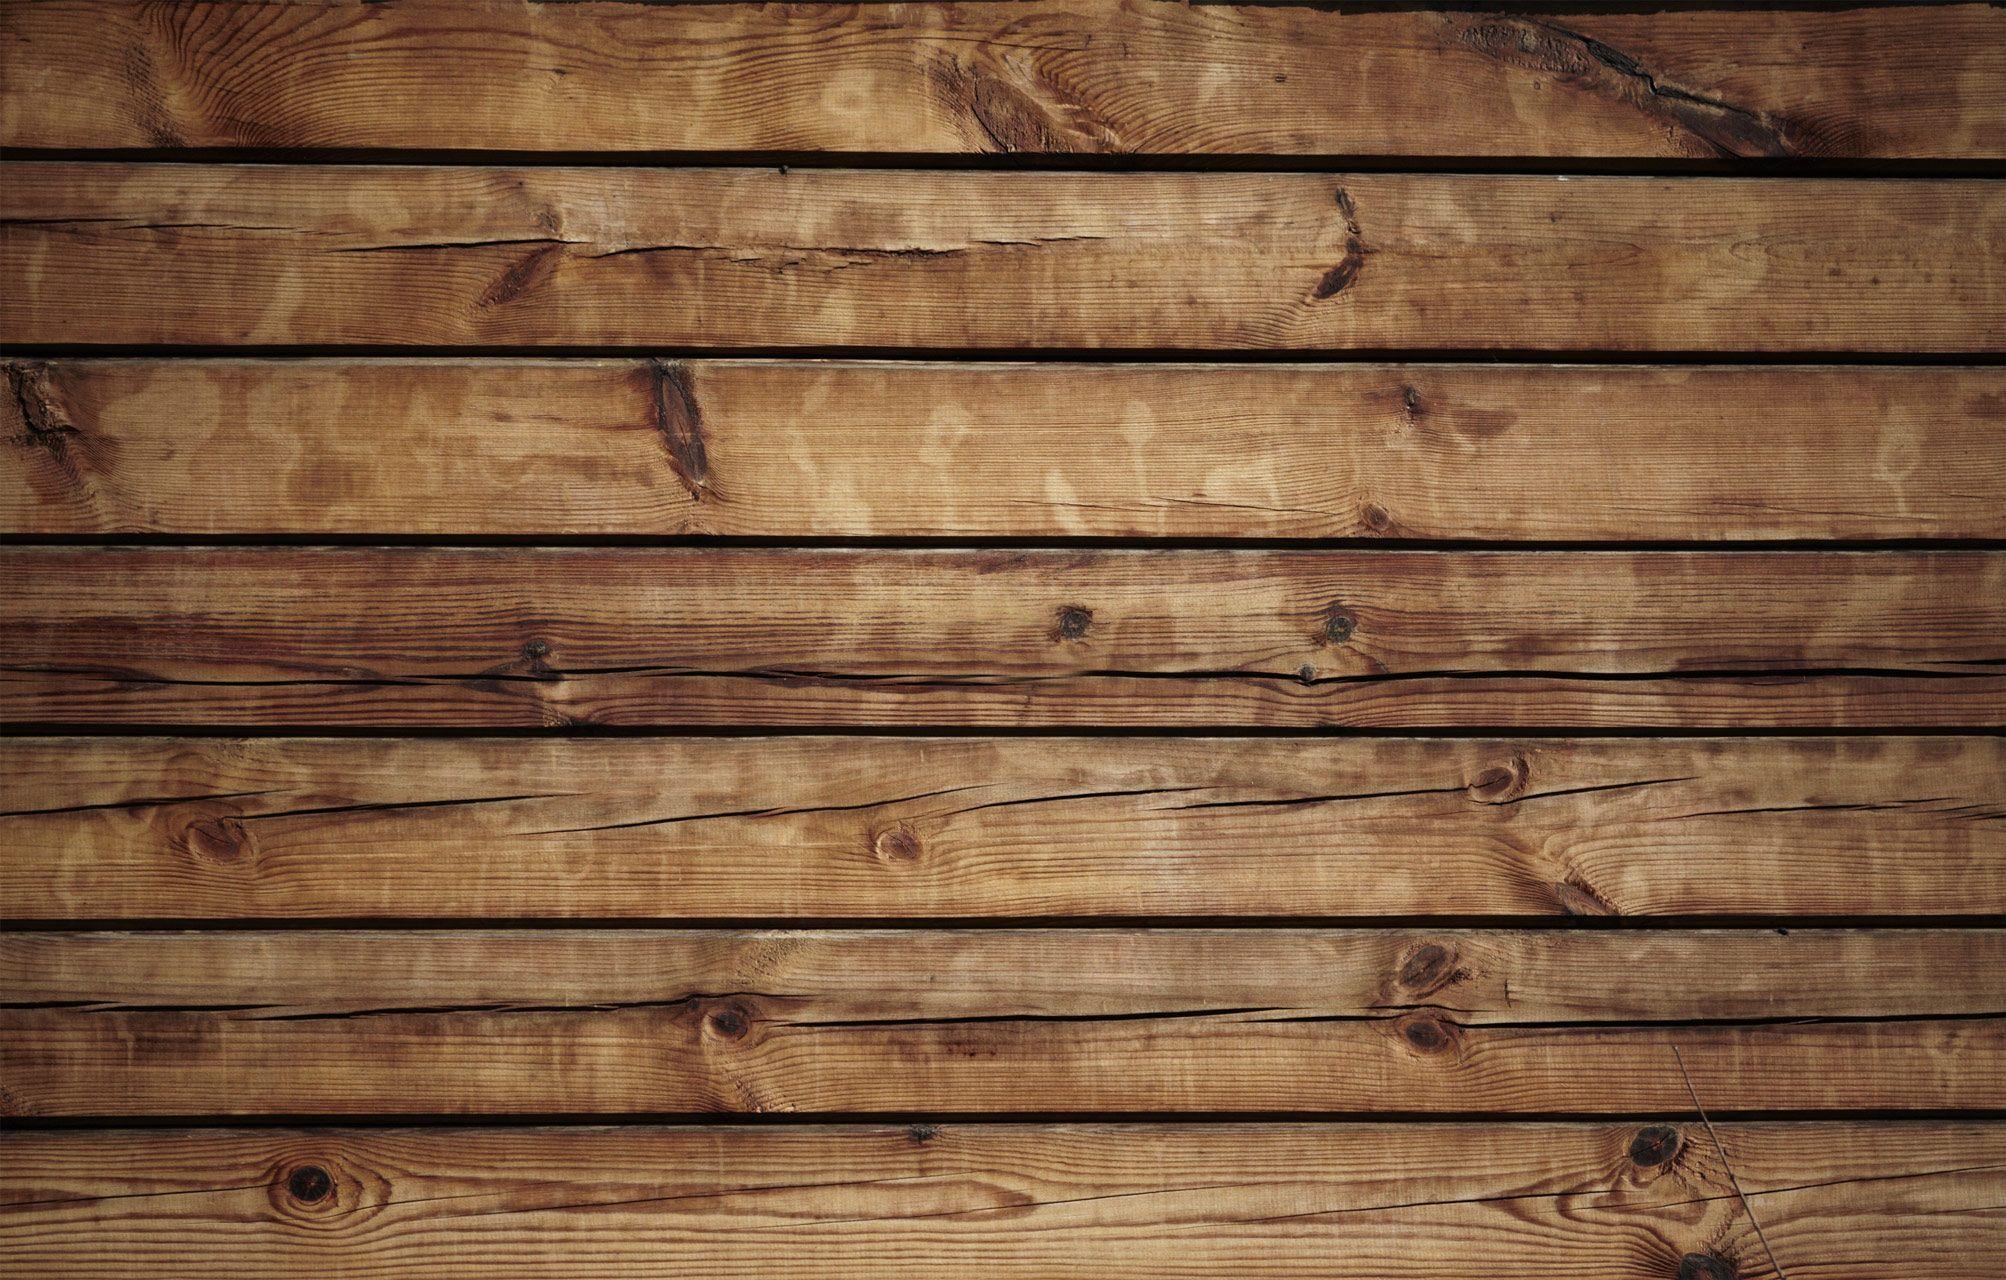 Wood texture wood texture pinterest